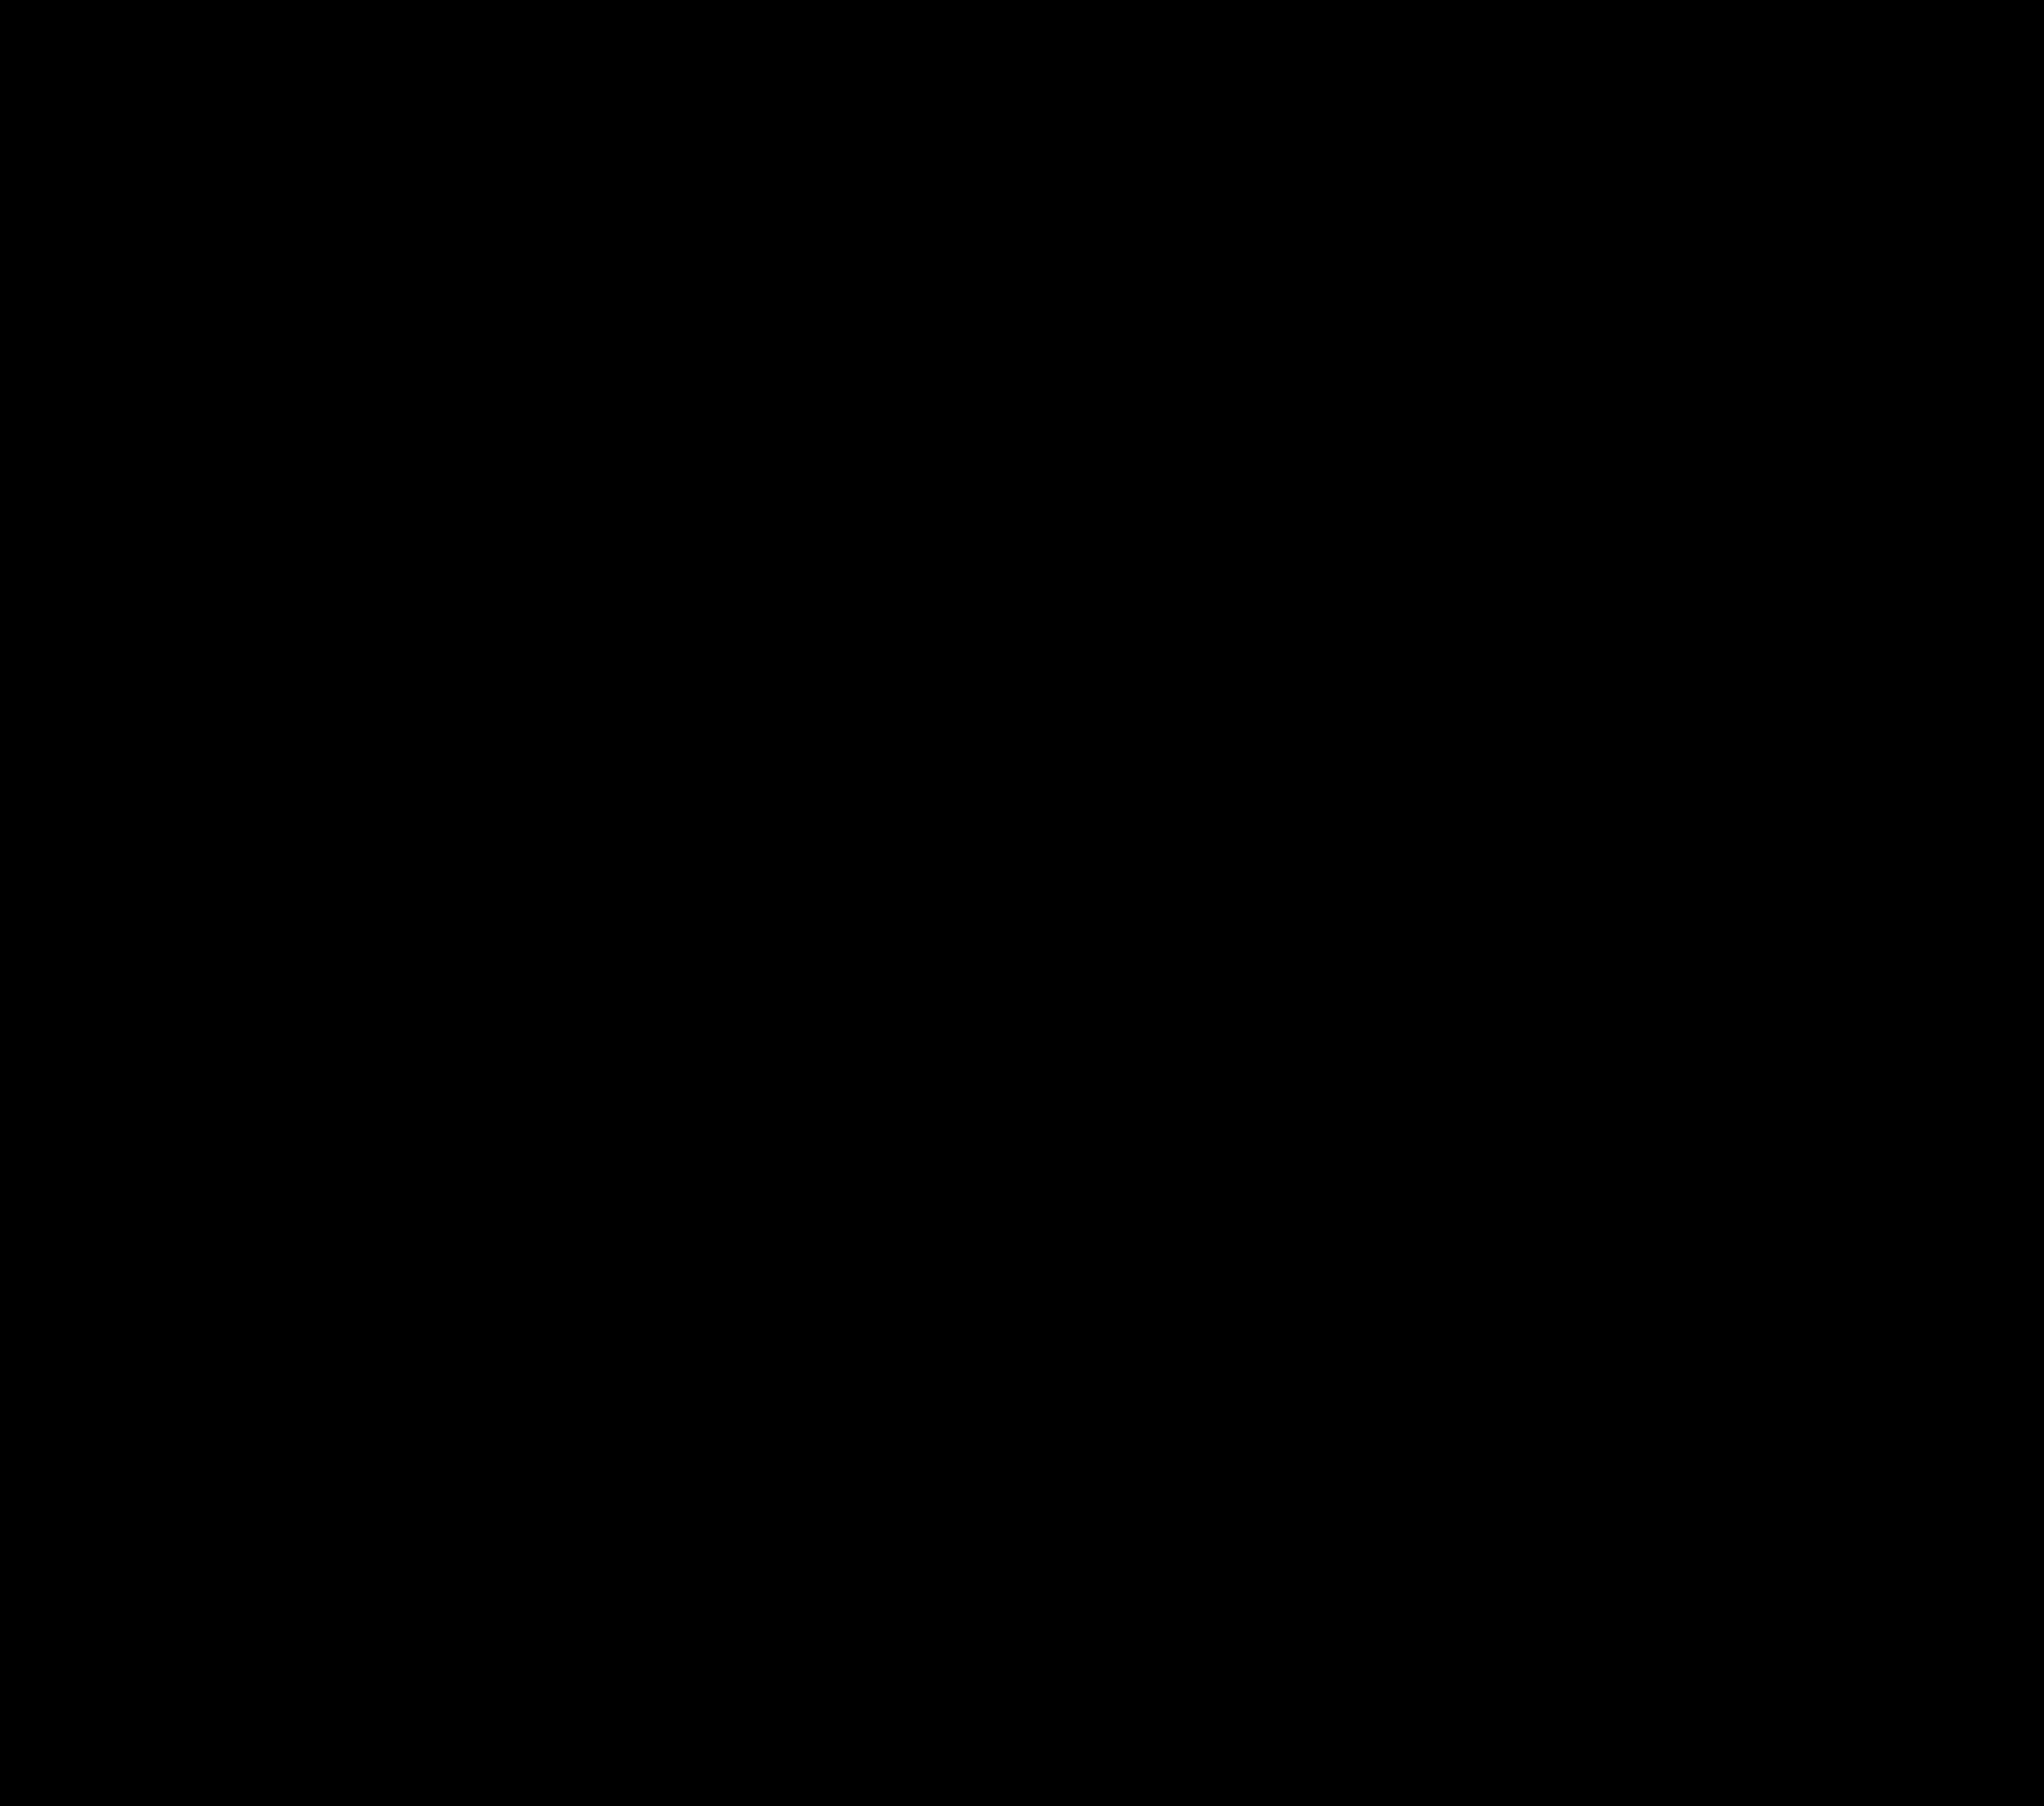 Nia_logo_Black.png